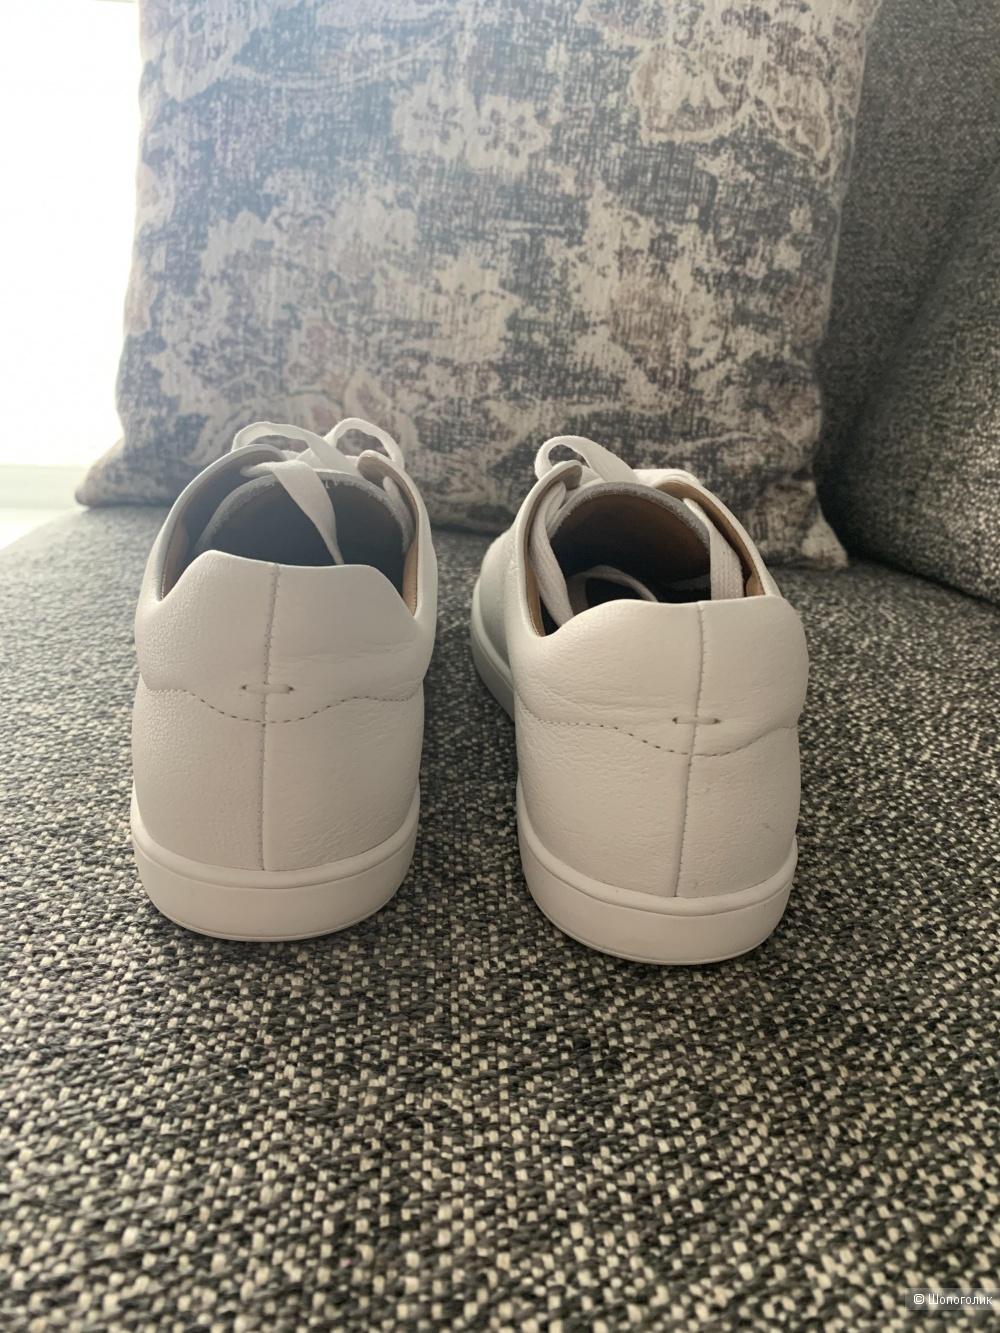 Кеды российского бренда  12 storeez 37 размер